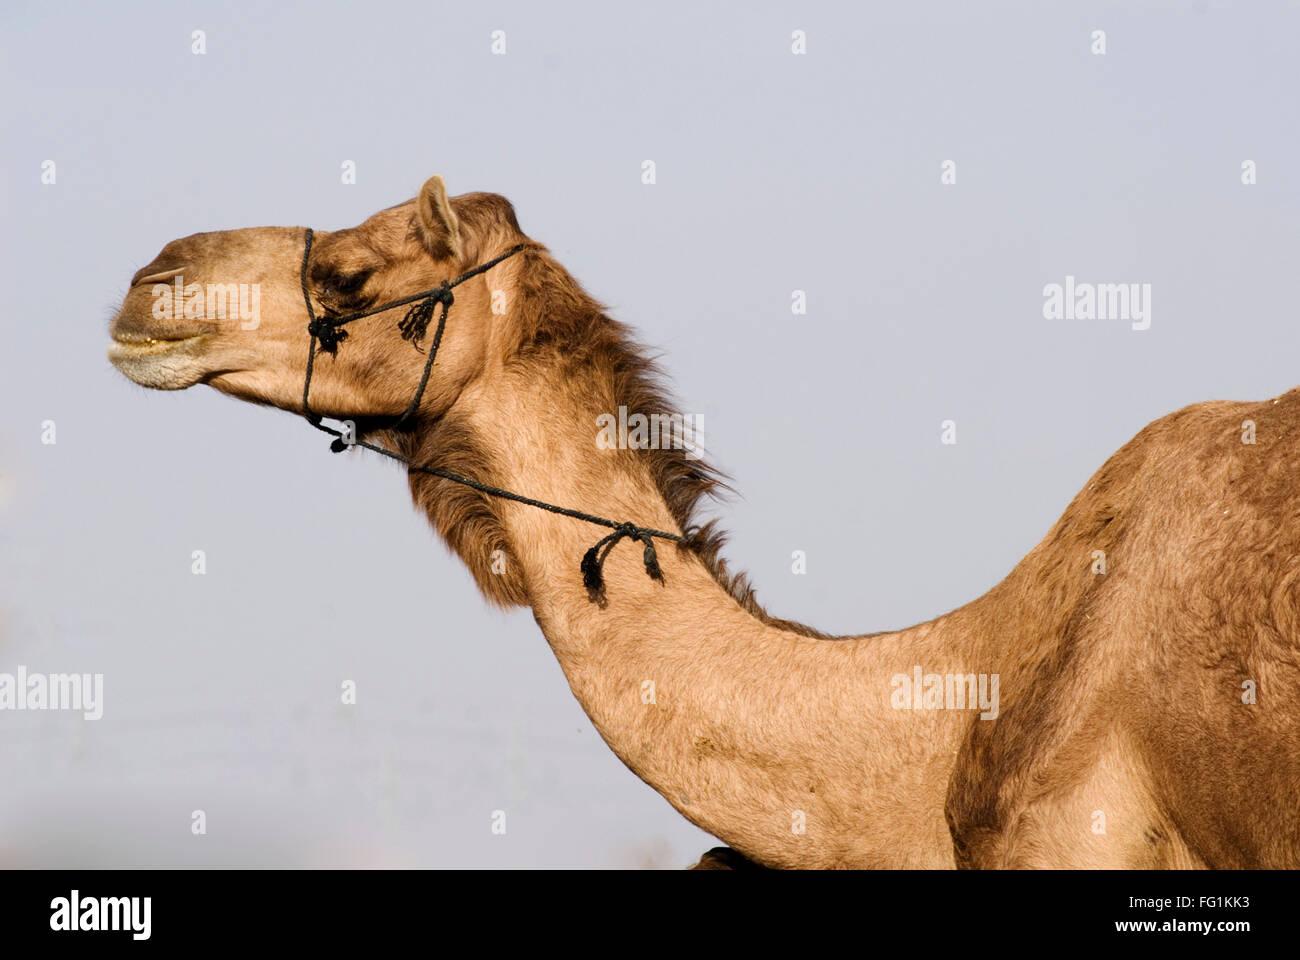 Camello en camello, Centro de Investigación de Bikaner, Rajasthan, India Foto de stock